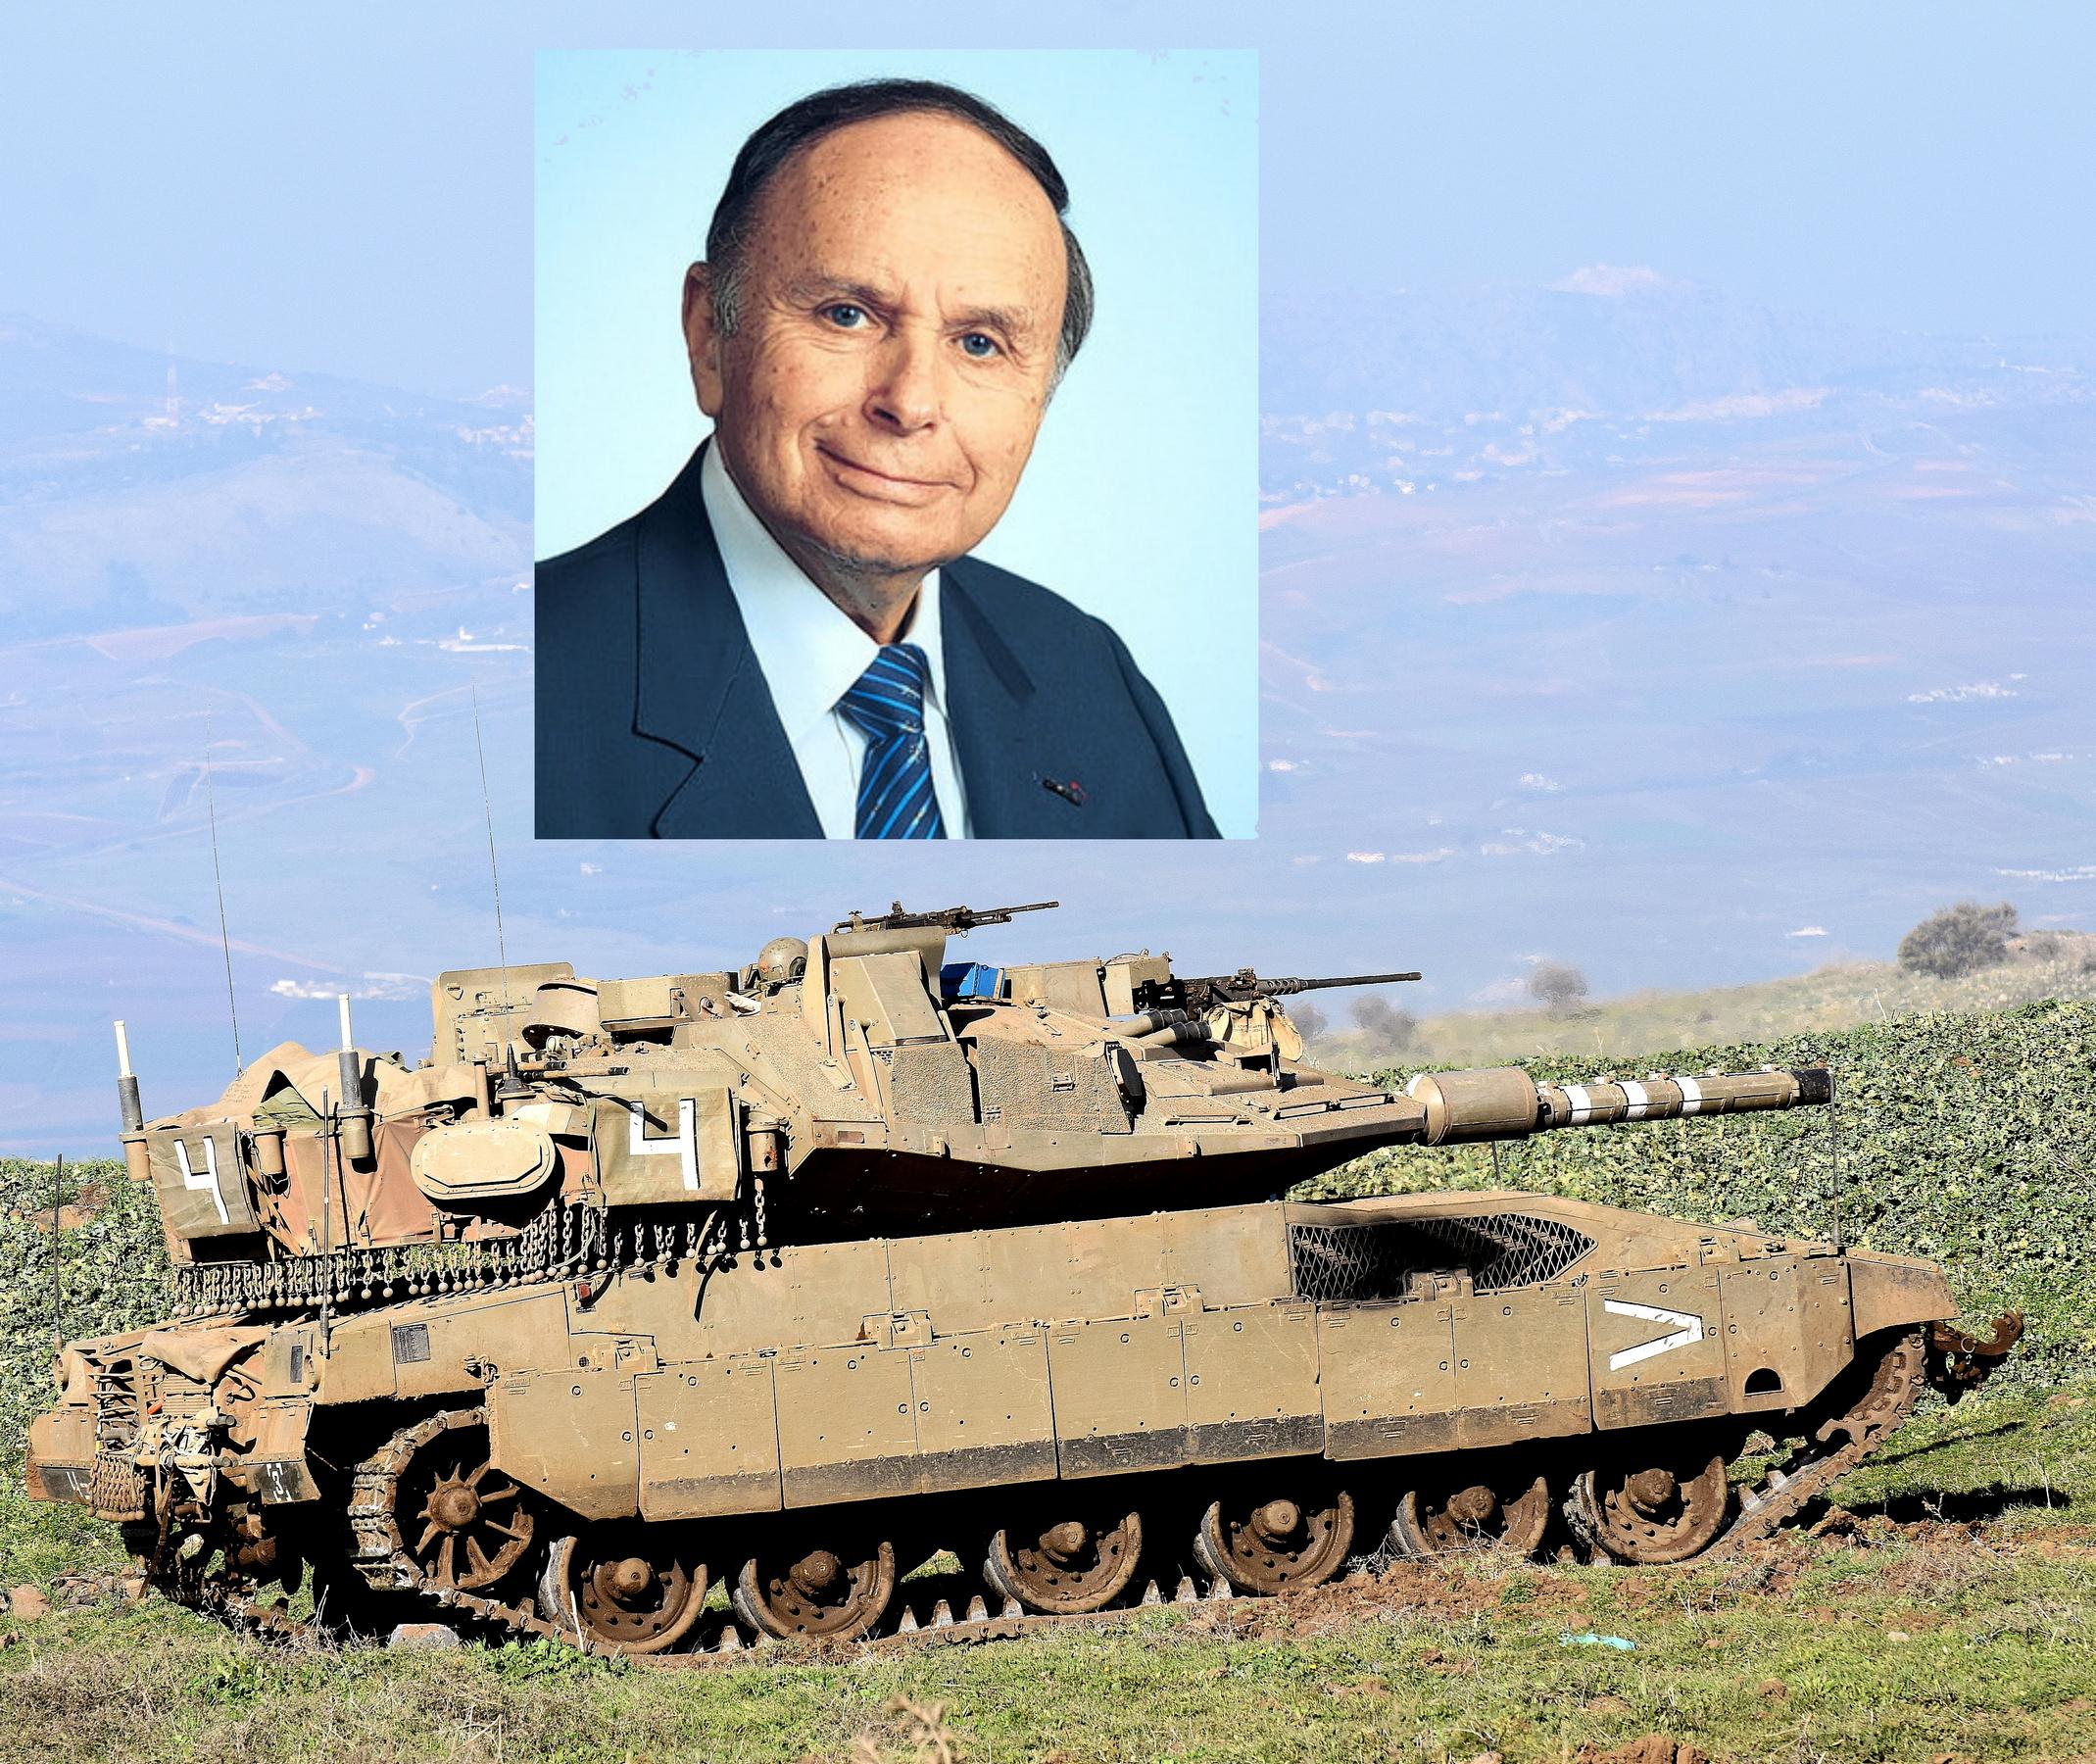 דר פליקסן זנדמן על רקע טנק המרכבה